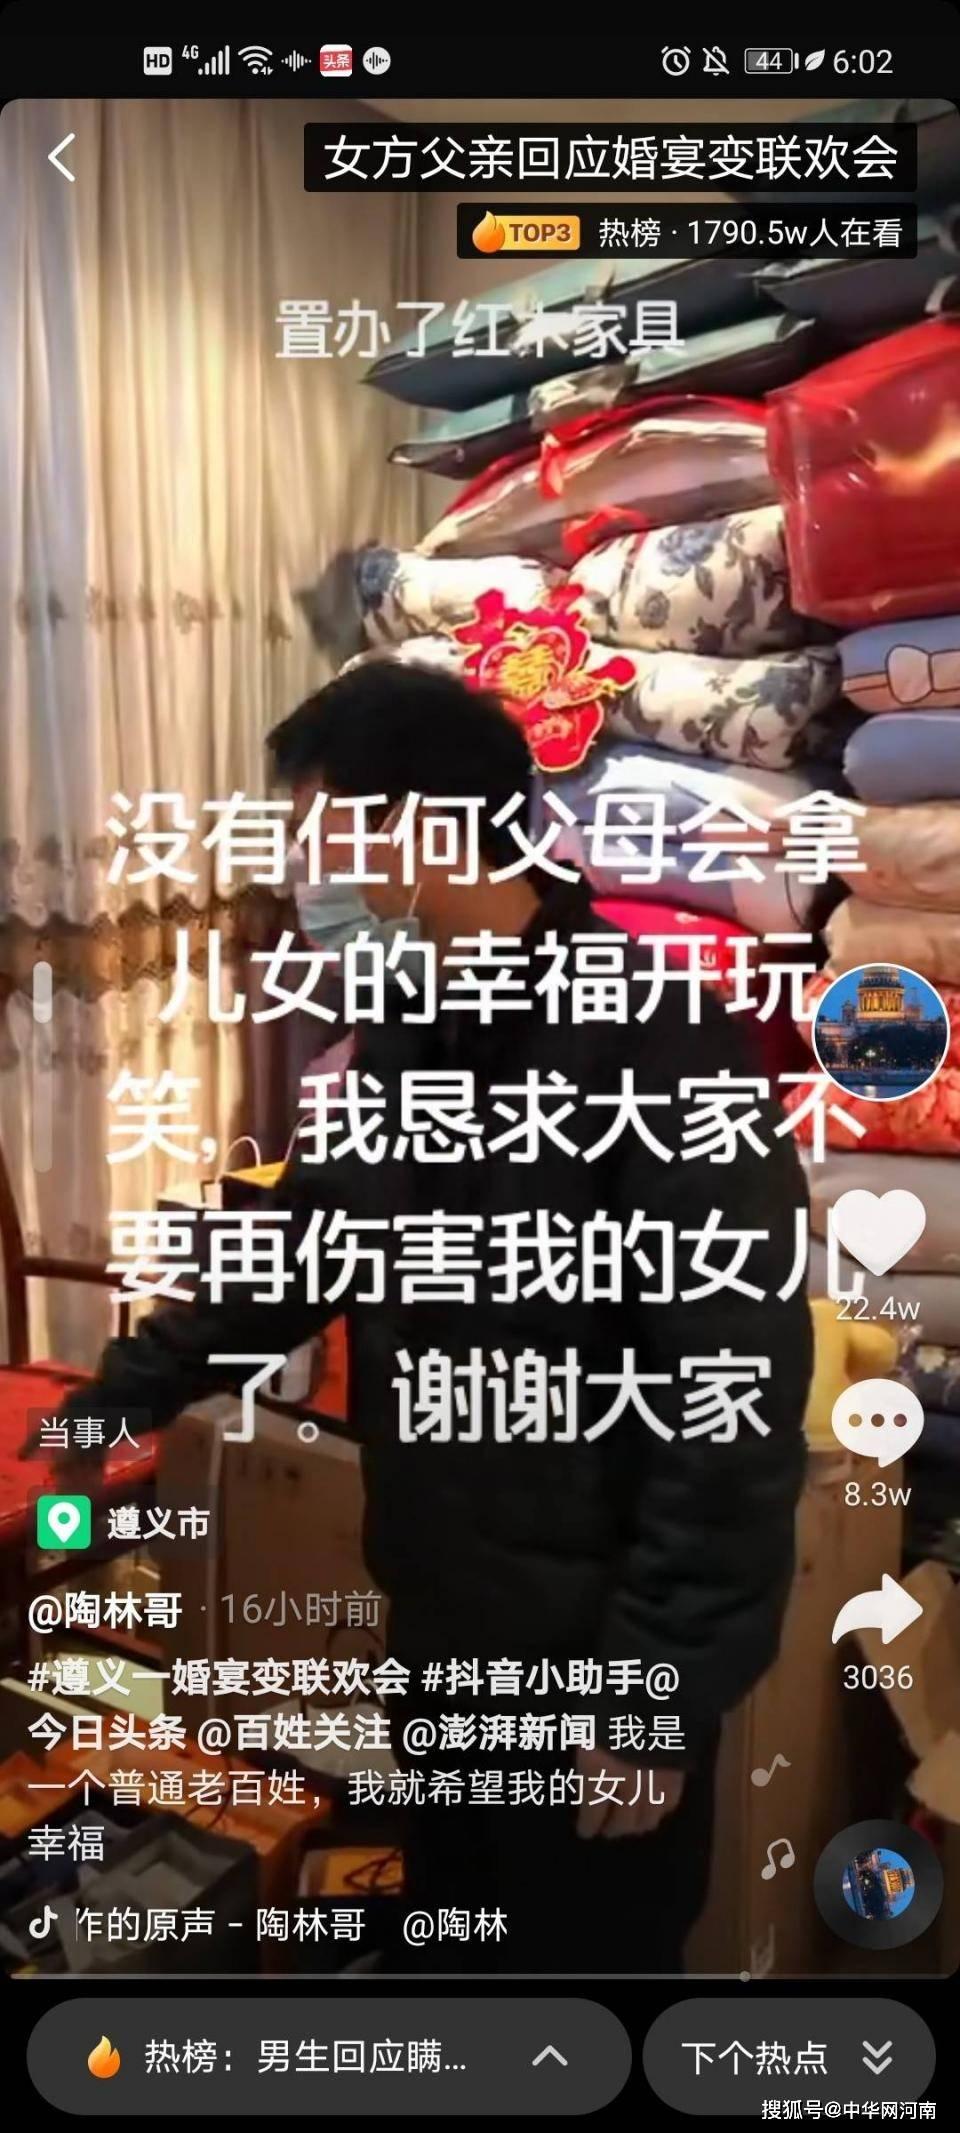 新郎买内衣不合身接亲被拒 新娘方回应:将一分不少退10万彩礼